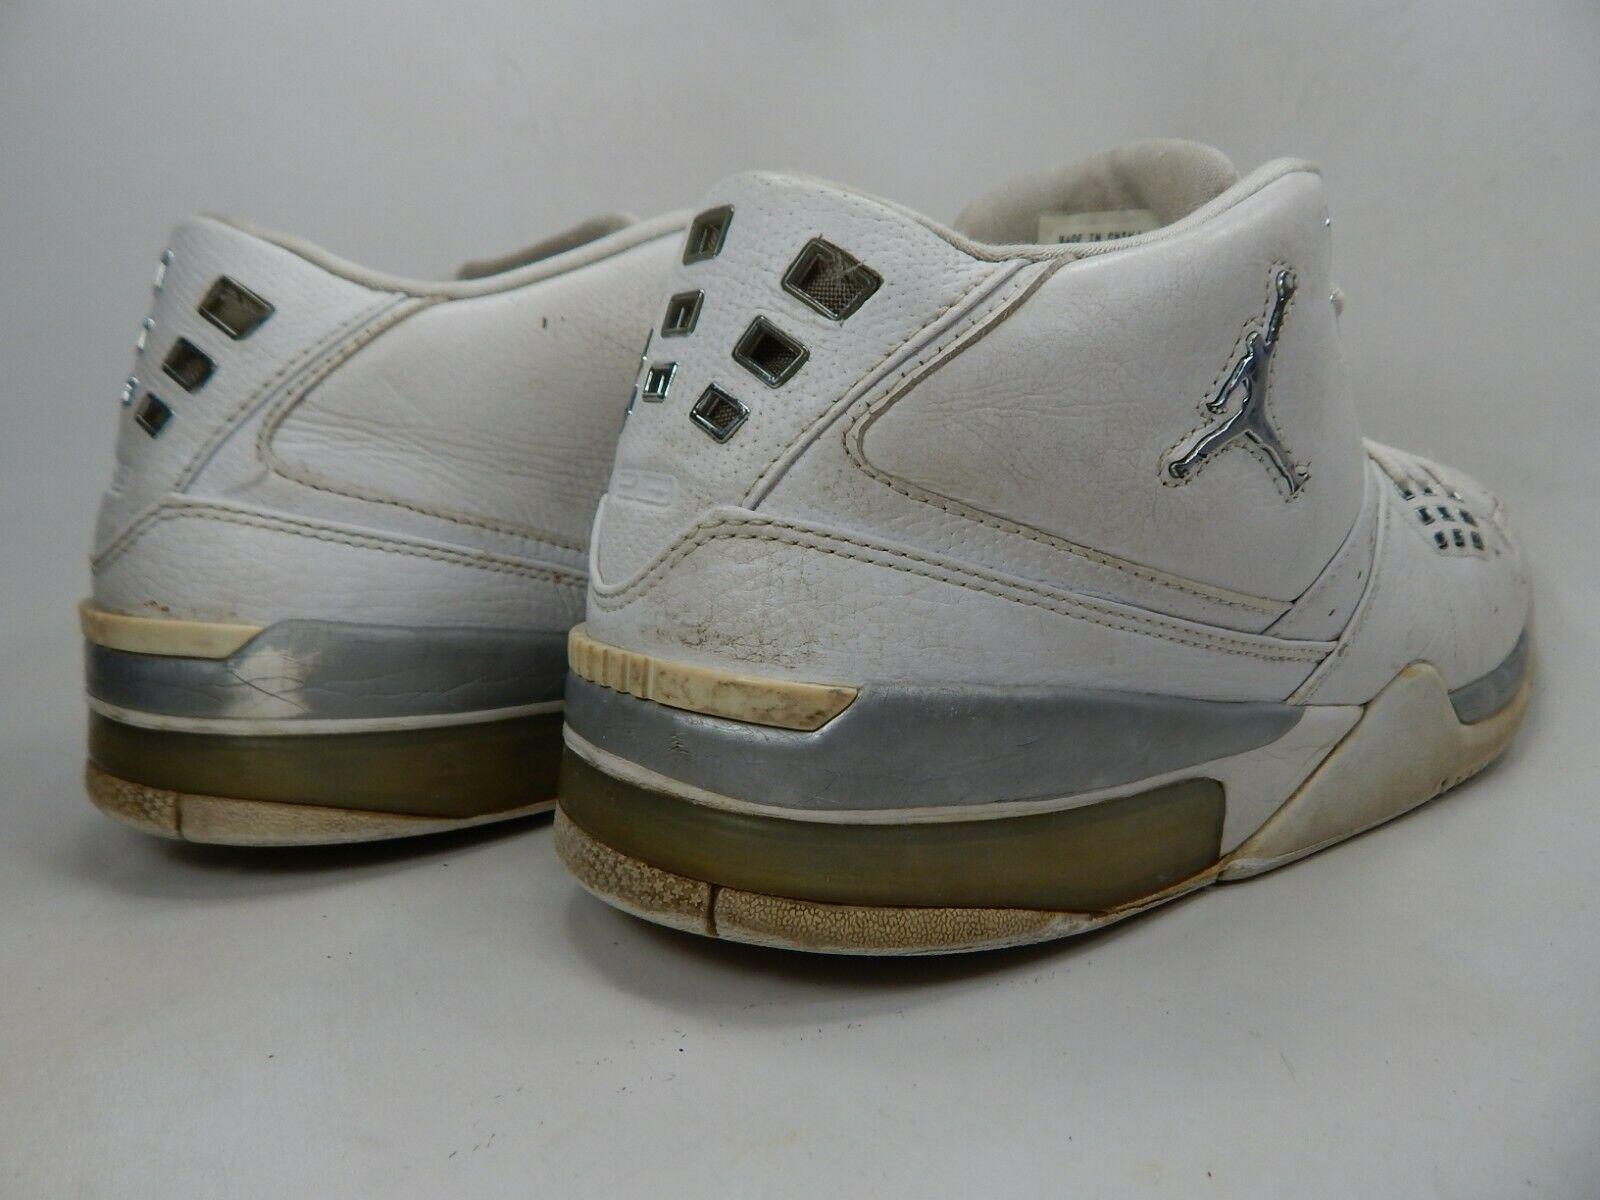 competitive price 000c1 e3d50 Nike Air Jordan da Volo 23 Taglie 13 M (D) Eu 47.5 Uomo Scarpe